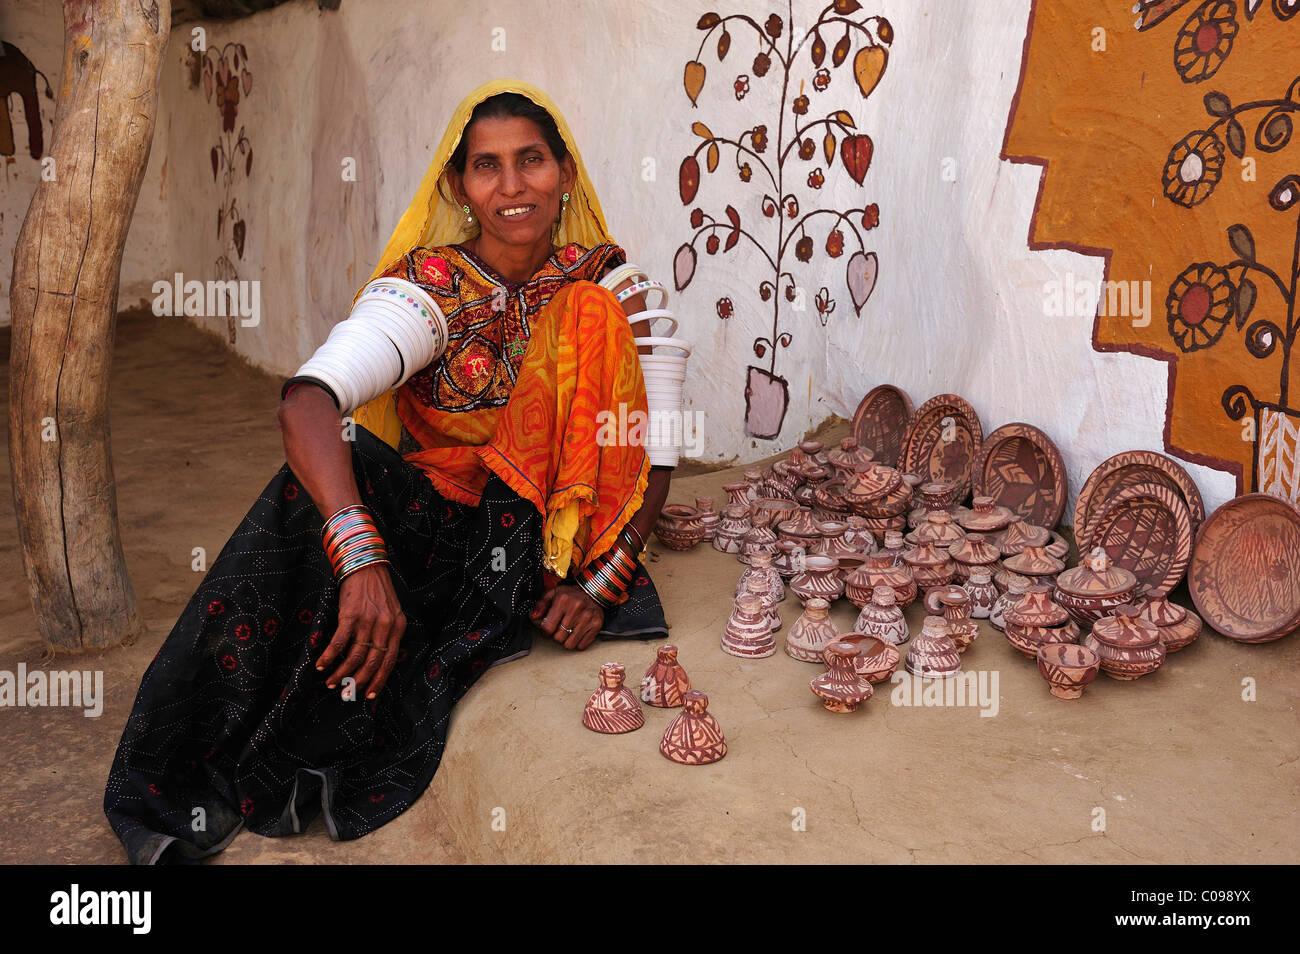 Femme potter assis à côté d'une sélection de céramiques en face d'une maison traditionnelle, Photo Stock